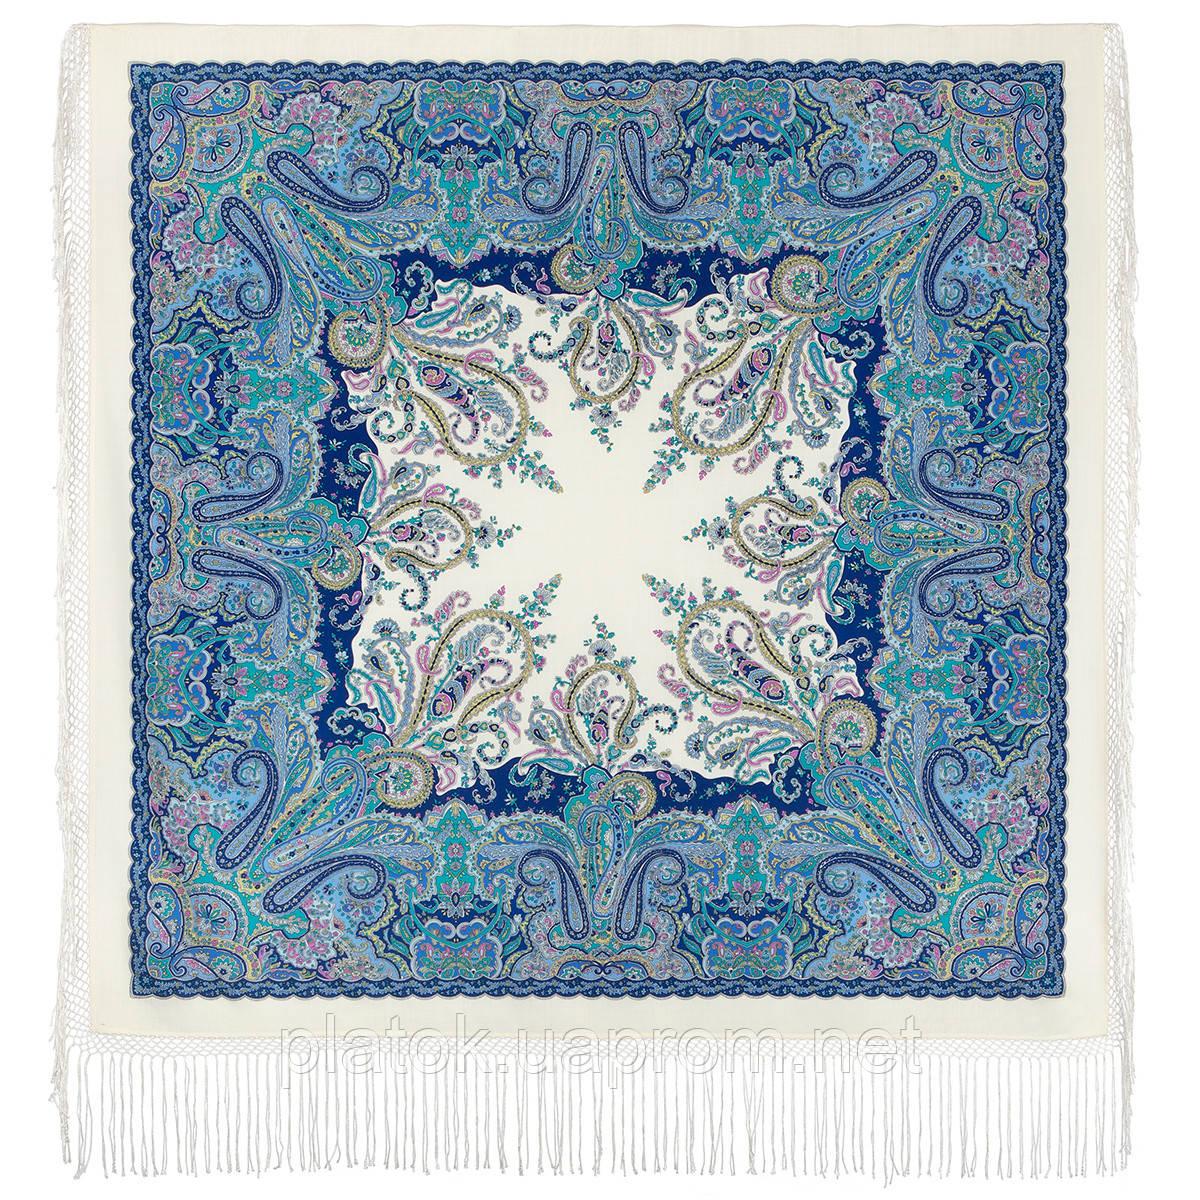 Караван 970-0, павлопосадский платок (шаль) из уплотненной шерсти с шелковой вязанной бахромой